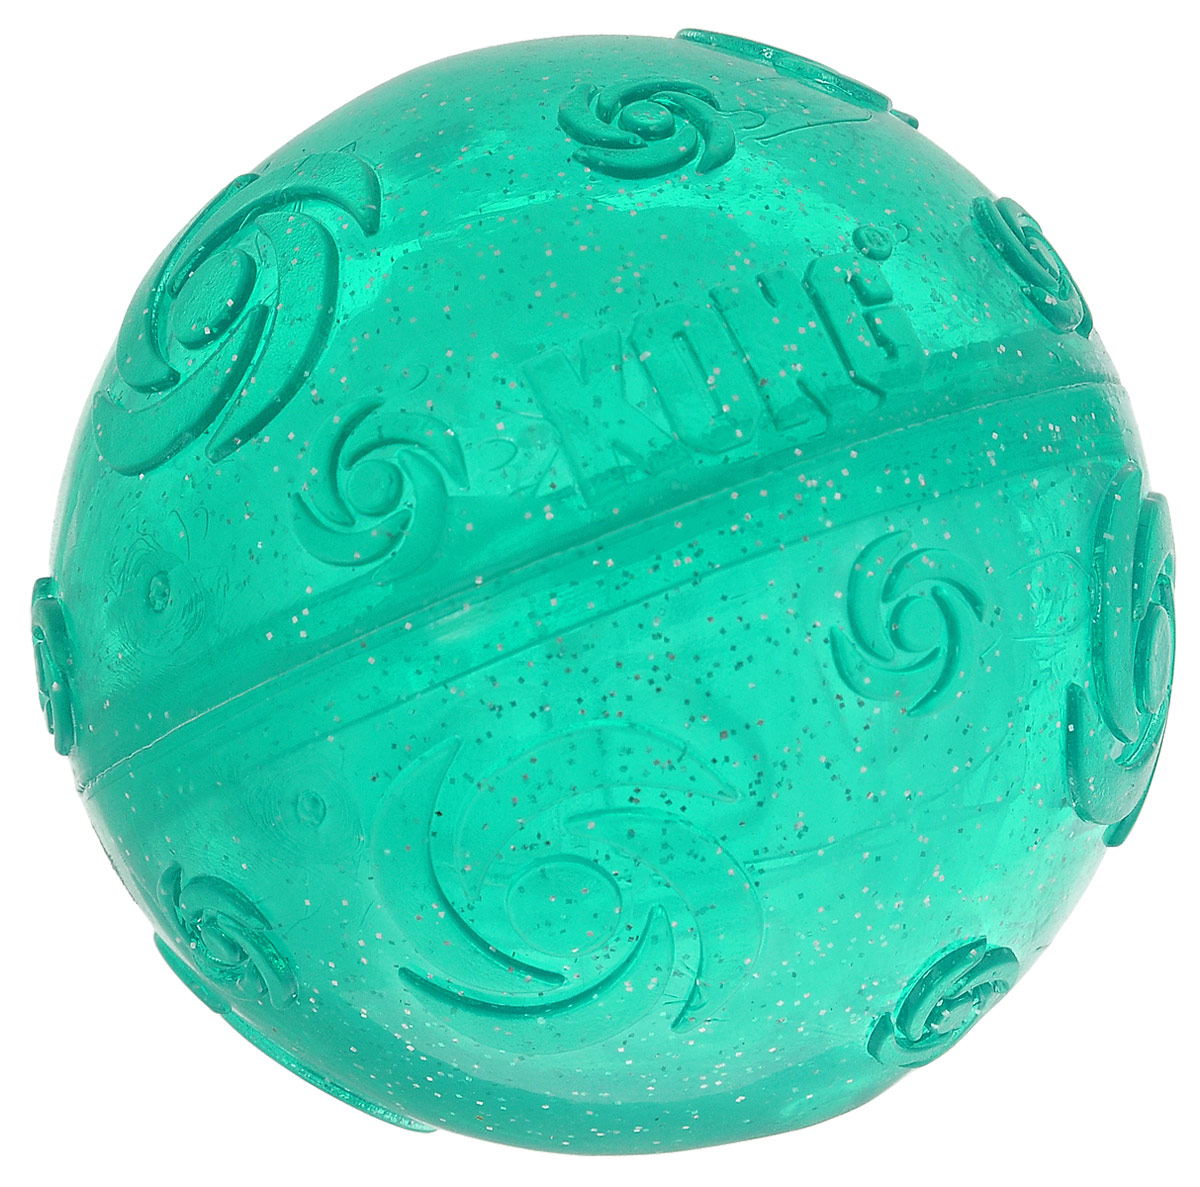 Игрушка для собак Kong Squezz Crackle, хрустящий мячик, цвет: зеленый, диаметр 7 смPCB1_зеленыйИгрушка для собак Kong Squezz Crackle, выполненная из пластичного материала, создает при сдавливании особый, привлекательный для собак трескучий звук. Идеально подходит как для спокойных игр, так и для игр в апорт в помещениях или на открытом воздухе. Игрушка имеет яркую окраску и отличается привлекательным блеском. Такая игрушка доставит огромную радость собакам и их заботливым владельцам. Диаметр: 7 см.